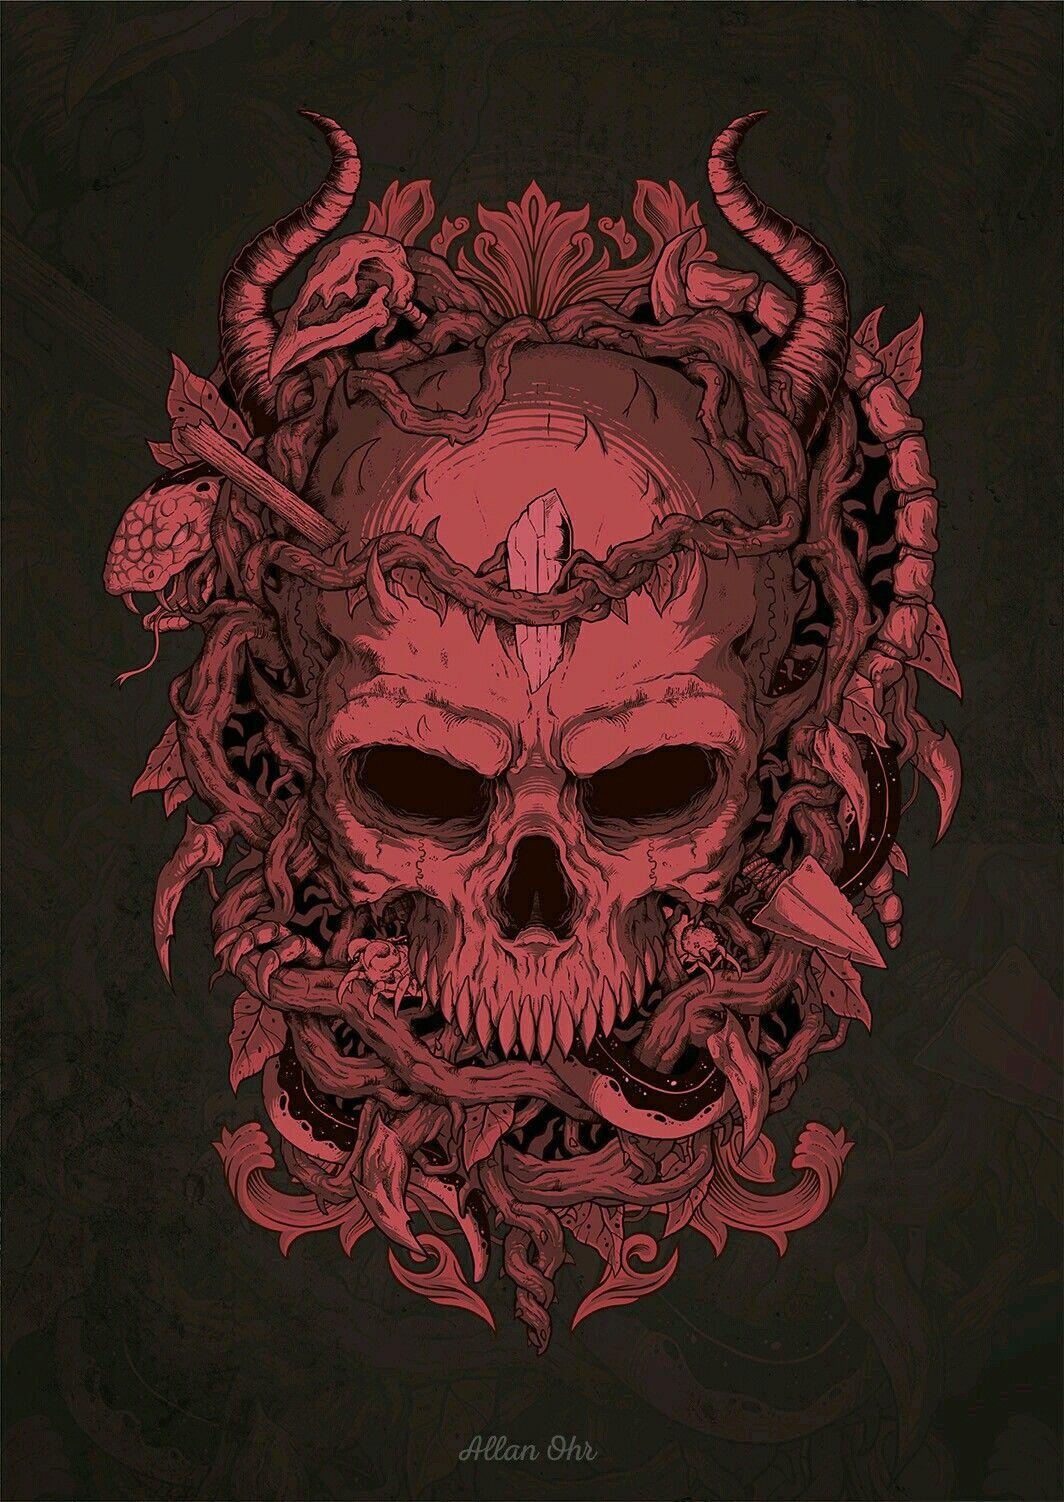 skull by Allan Ohr